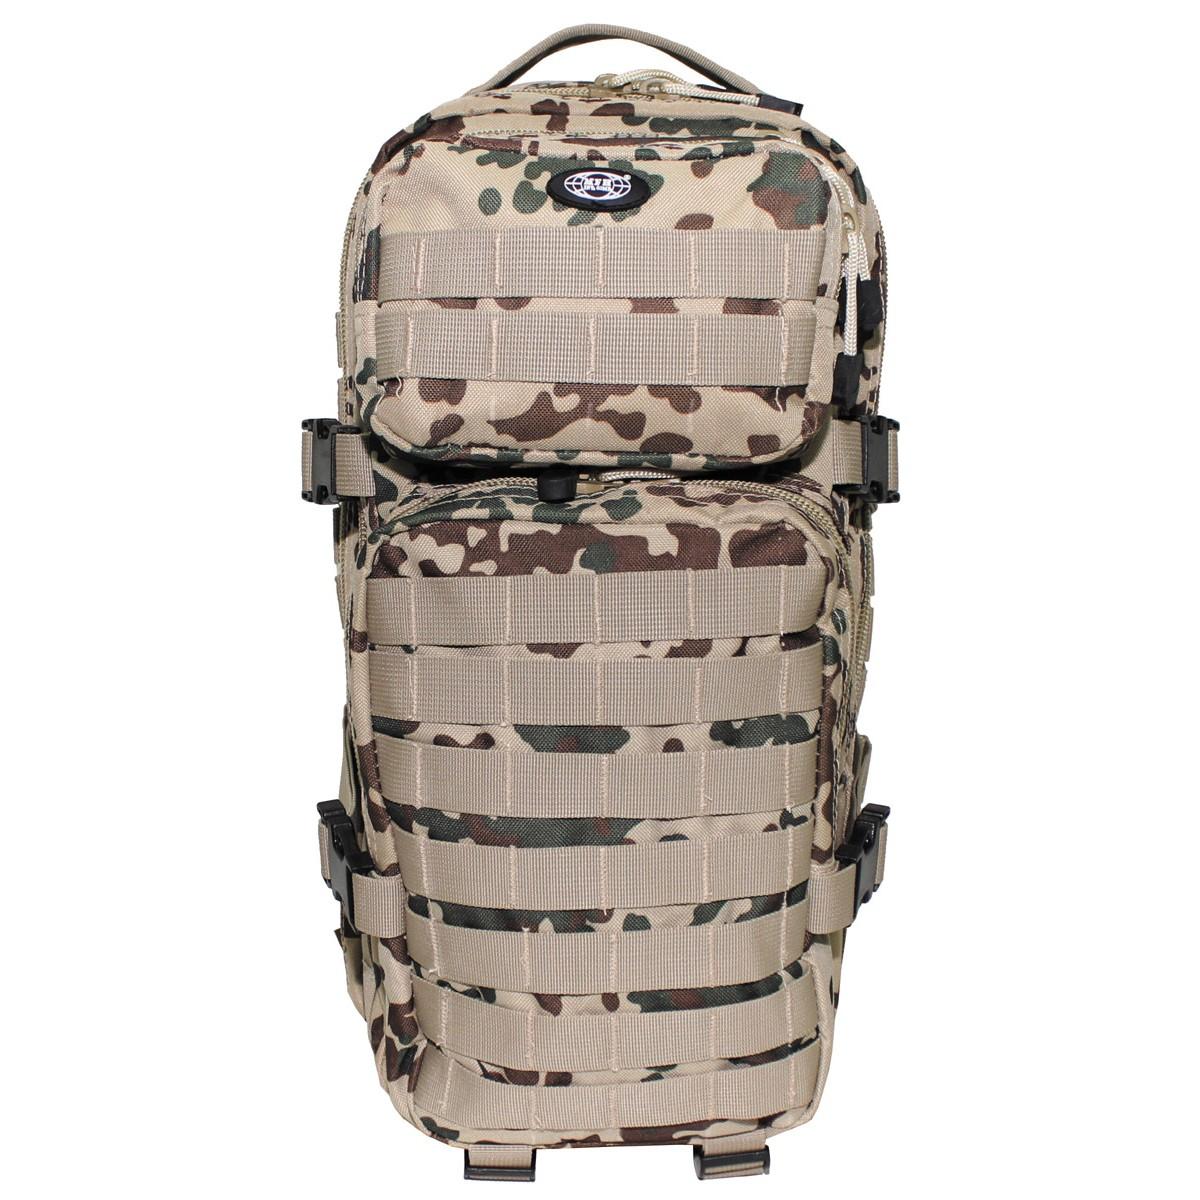 Batoh MFH US Assault S - tropentarn